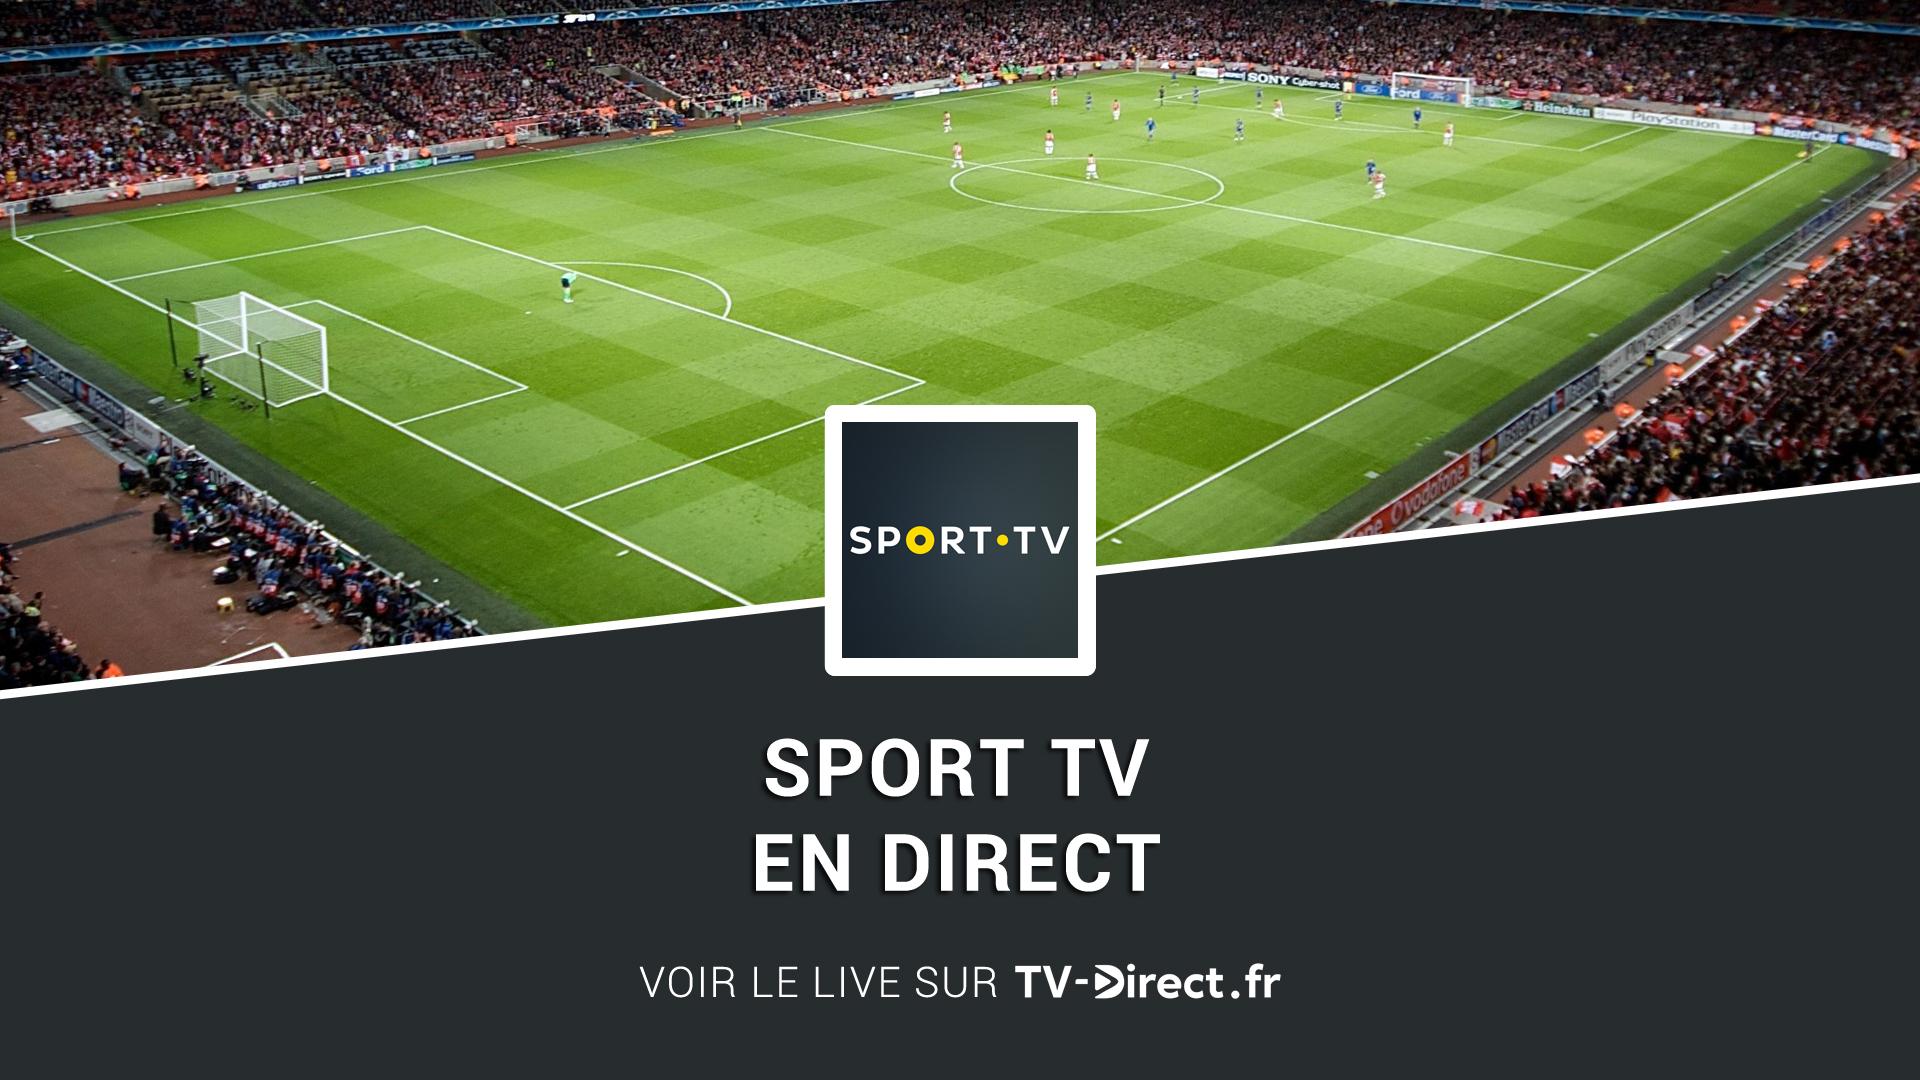 sport tv direct regarder sport tv live sur internet. Black Bedroom Furniture Sets. Home Design Ideas